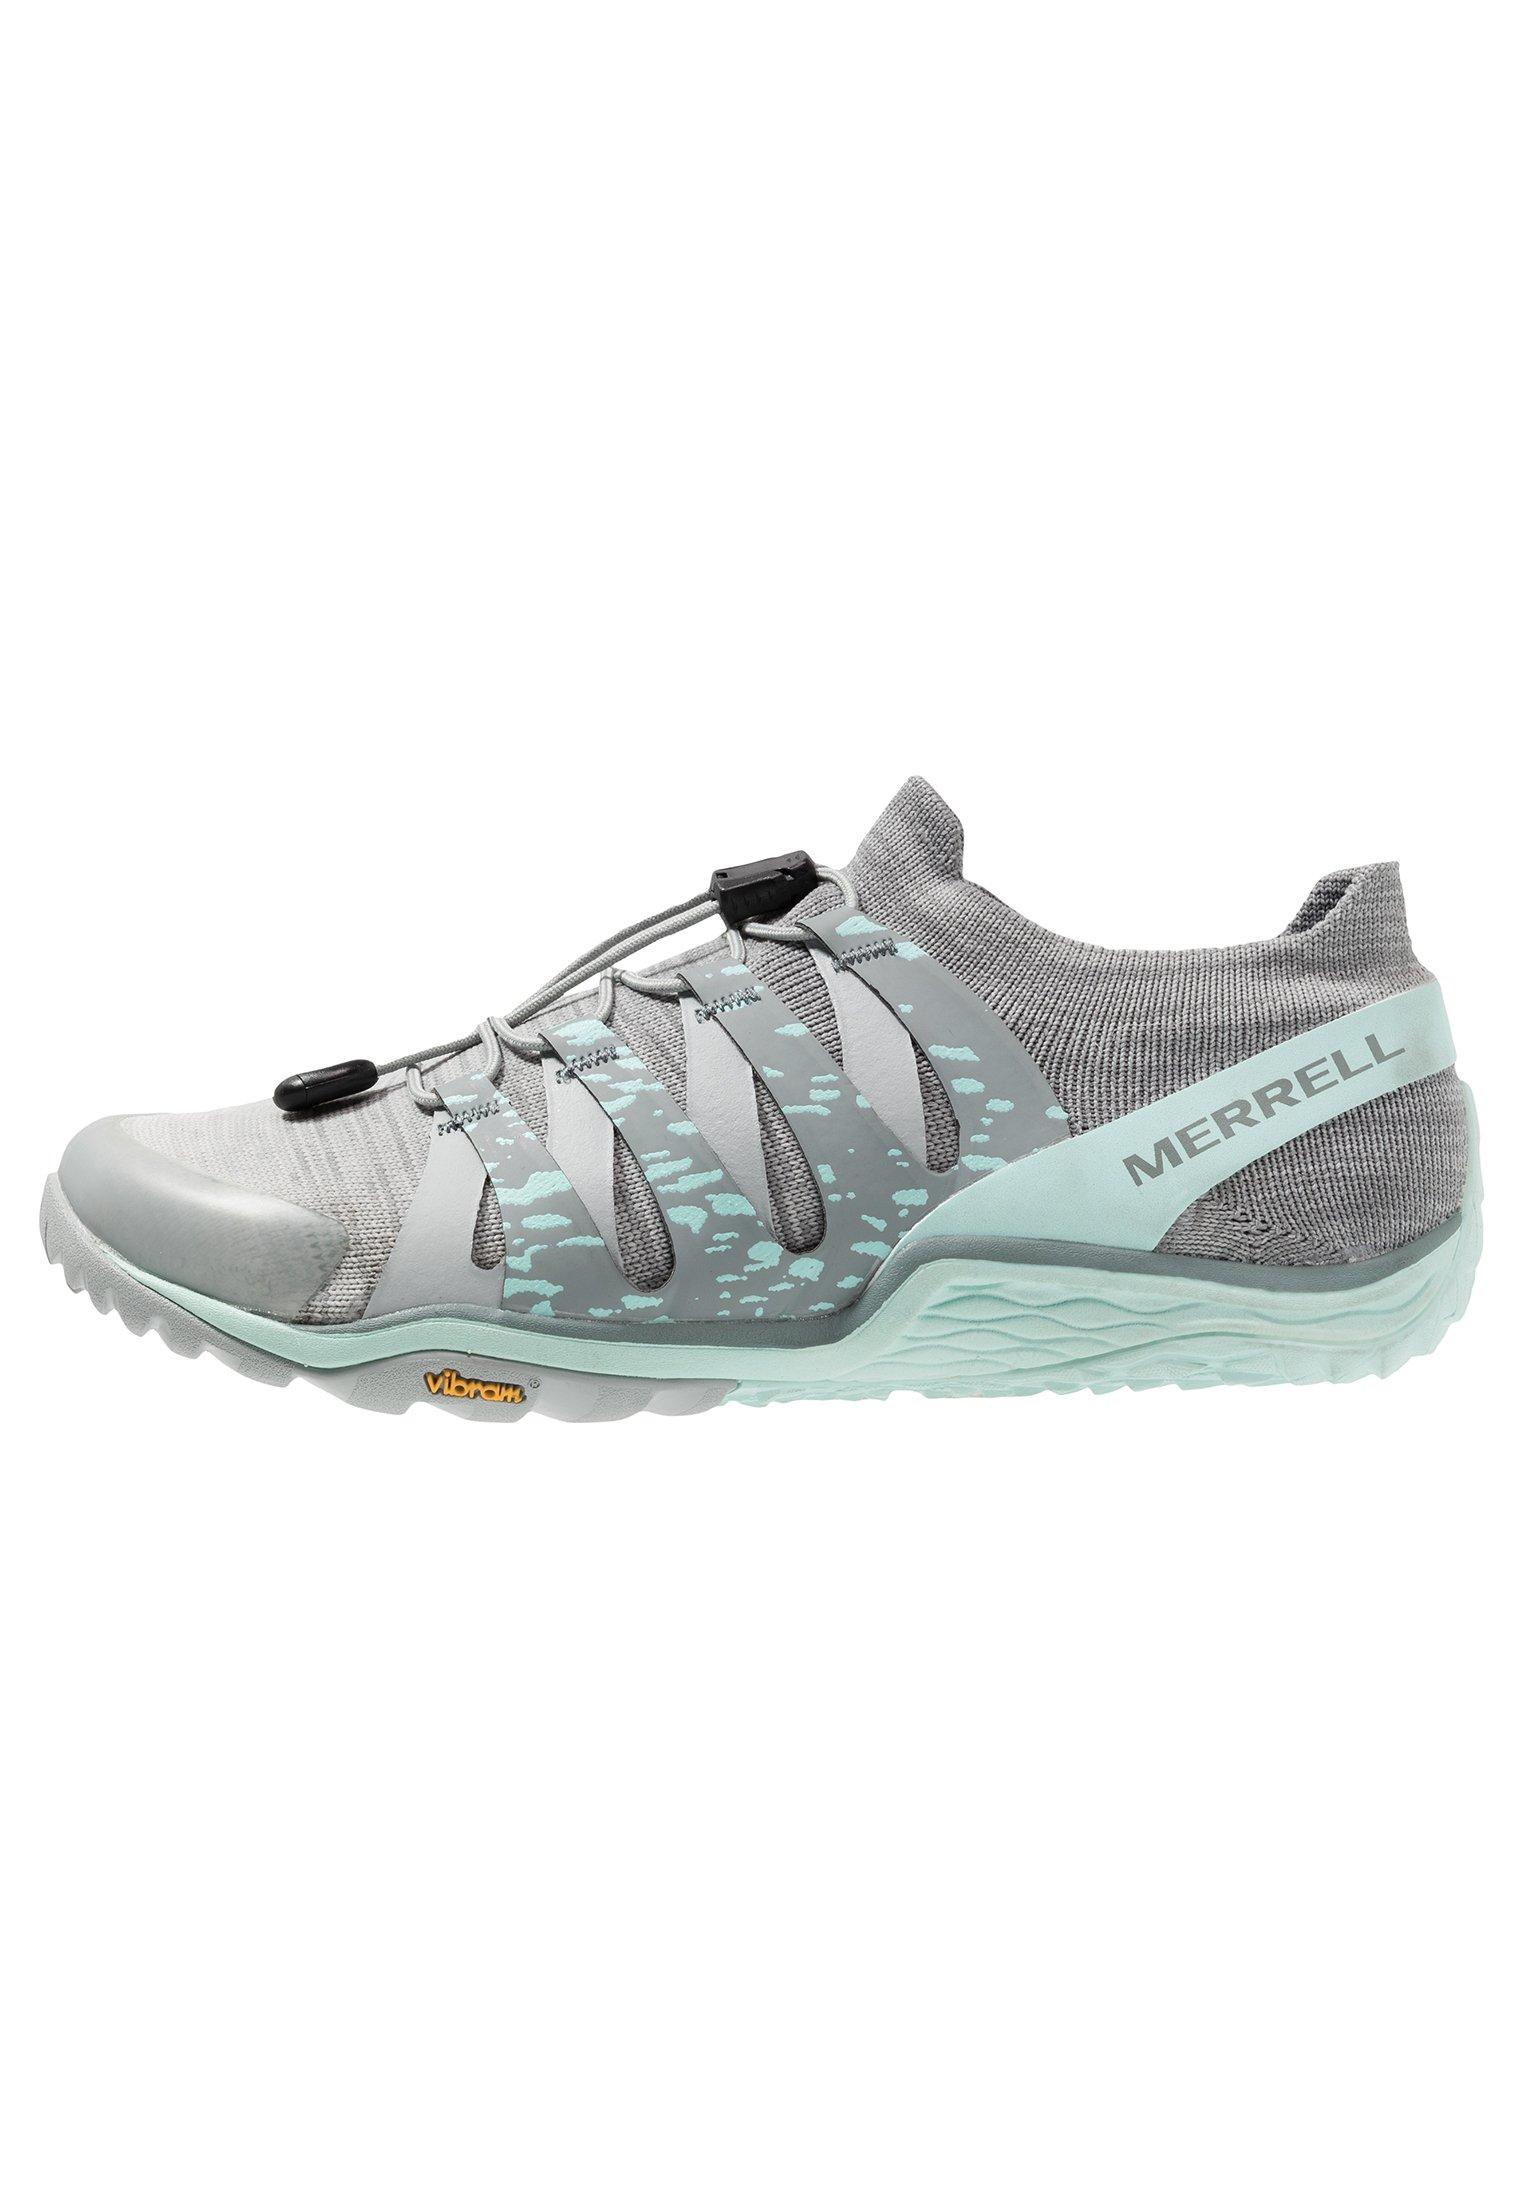 Merrell Damen Barefoot Run Trail Glove 5 3D Laufschuh high